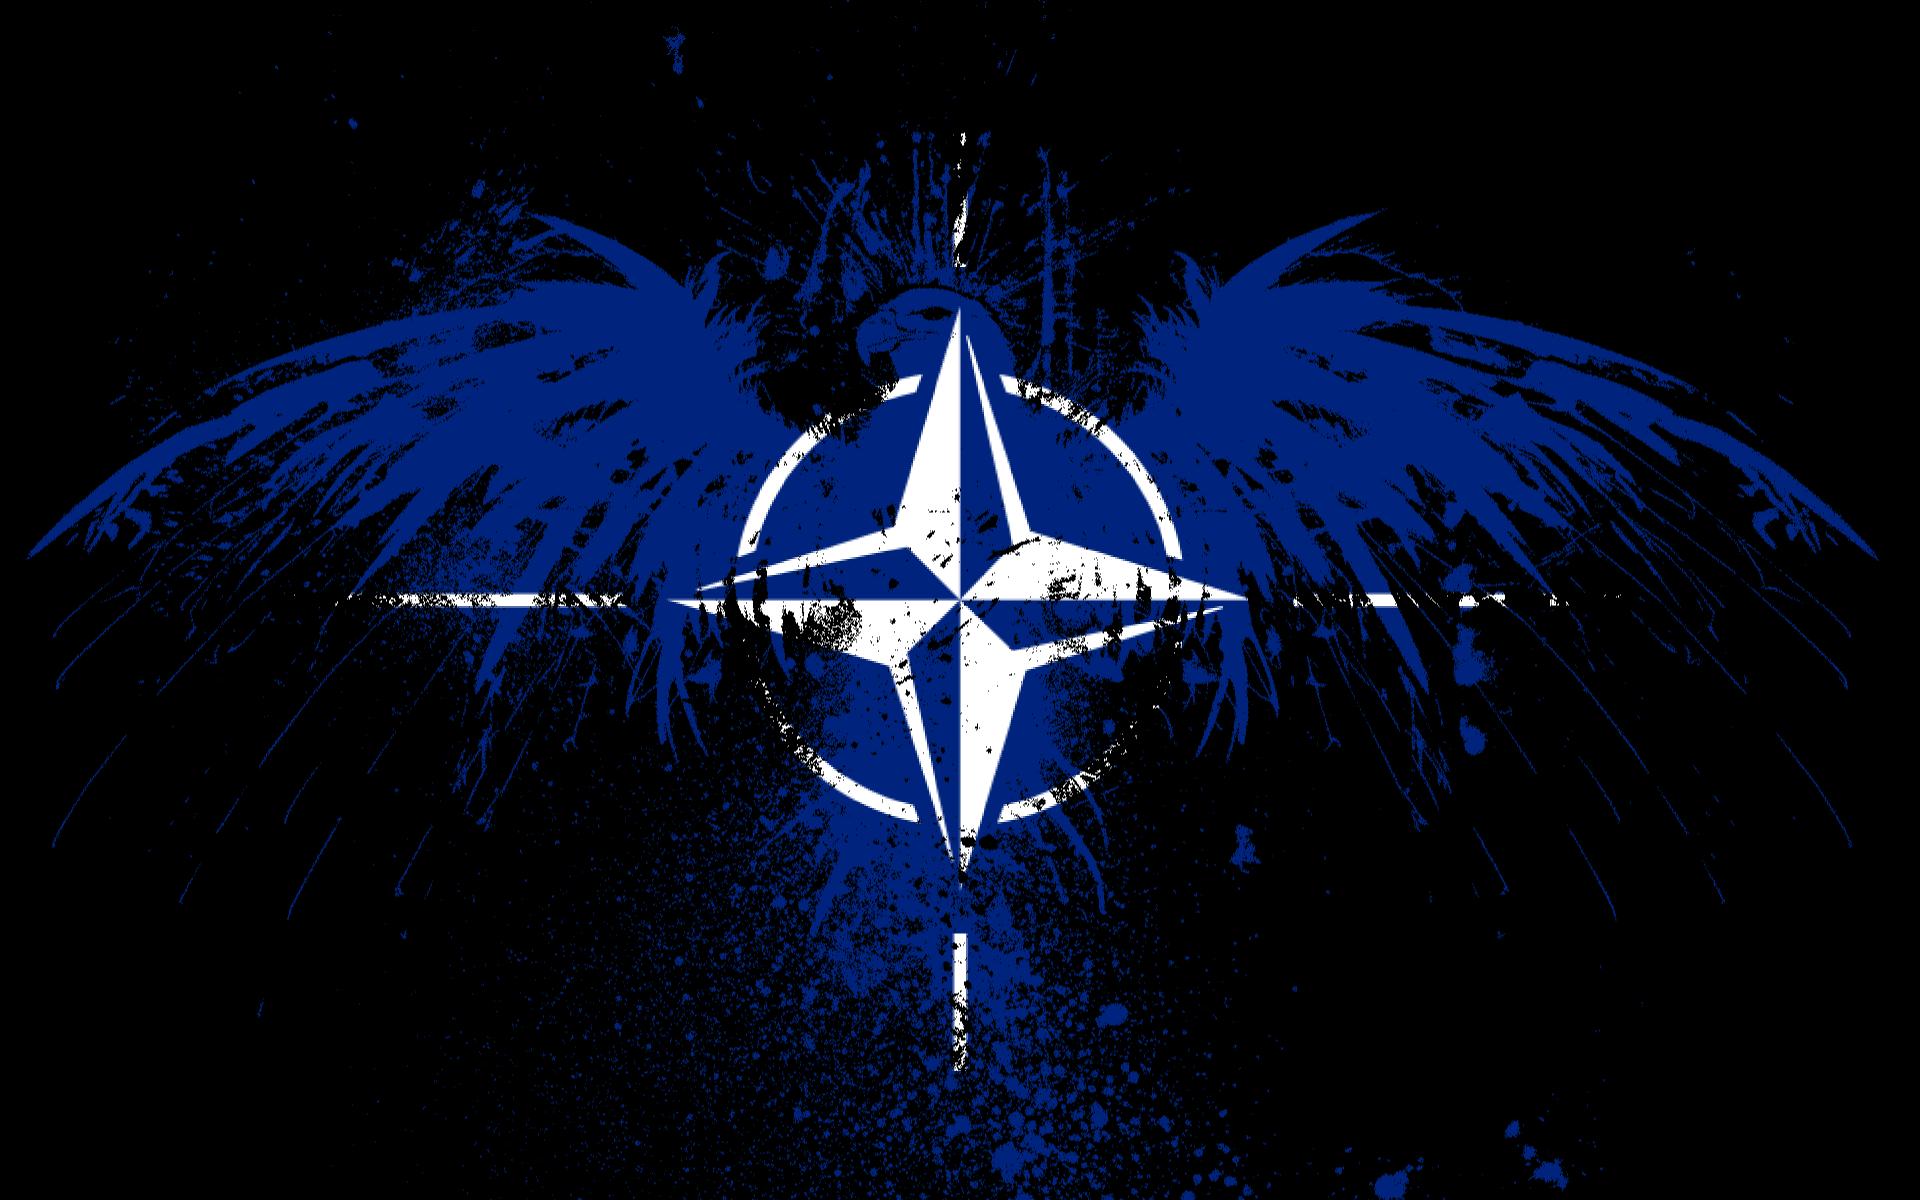 Θα χρησιμοποιήσει το ΝΑΤΟ την Ελλάδα για πρόκληση «Θερμού Επεισοδίου» με τους Τούρκους;